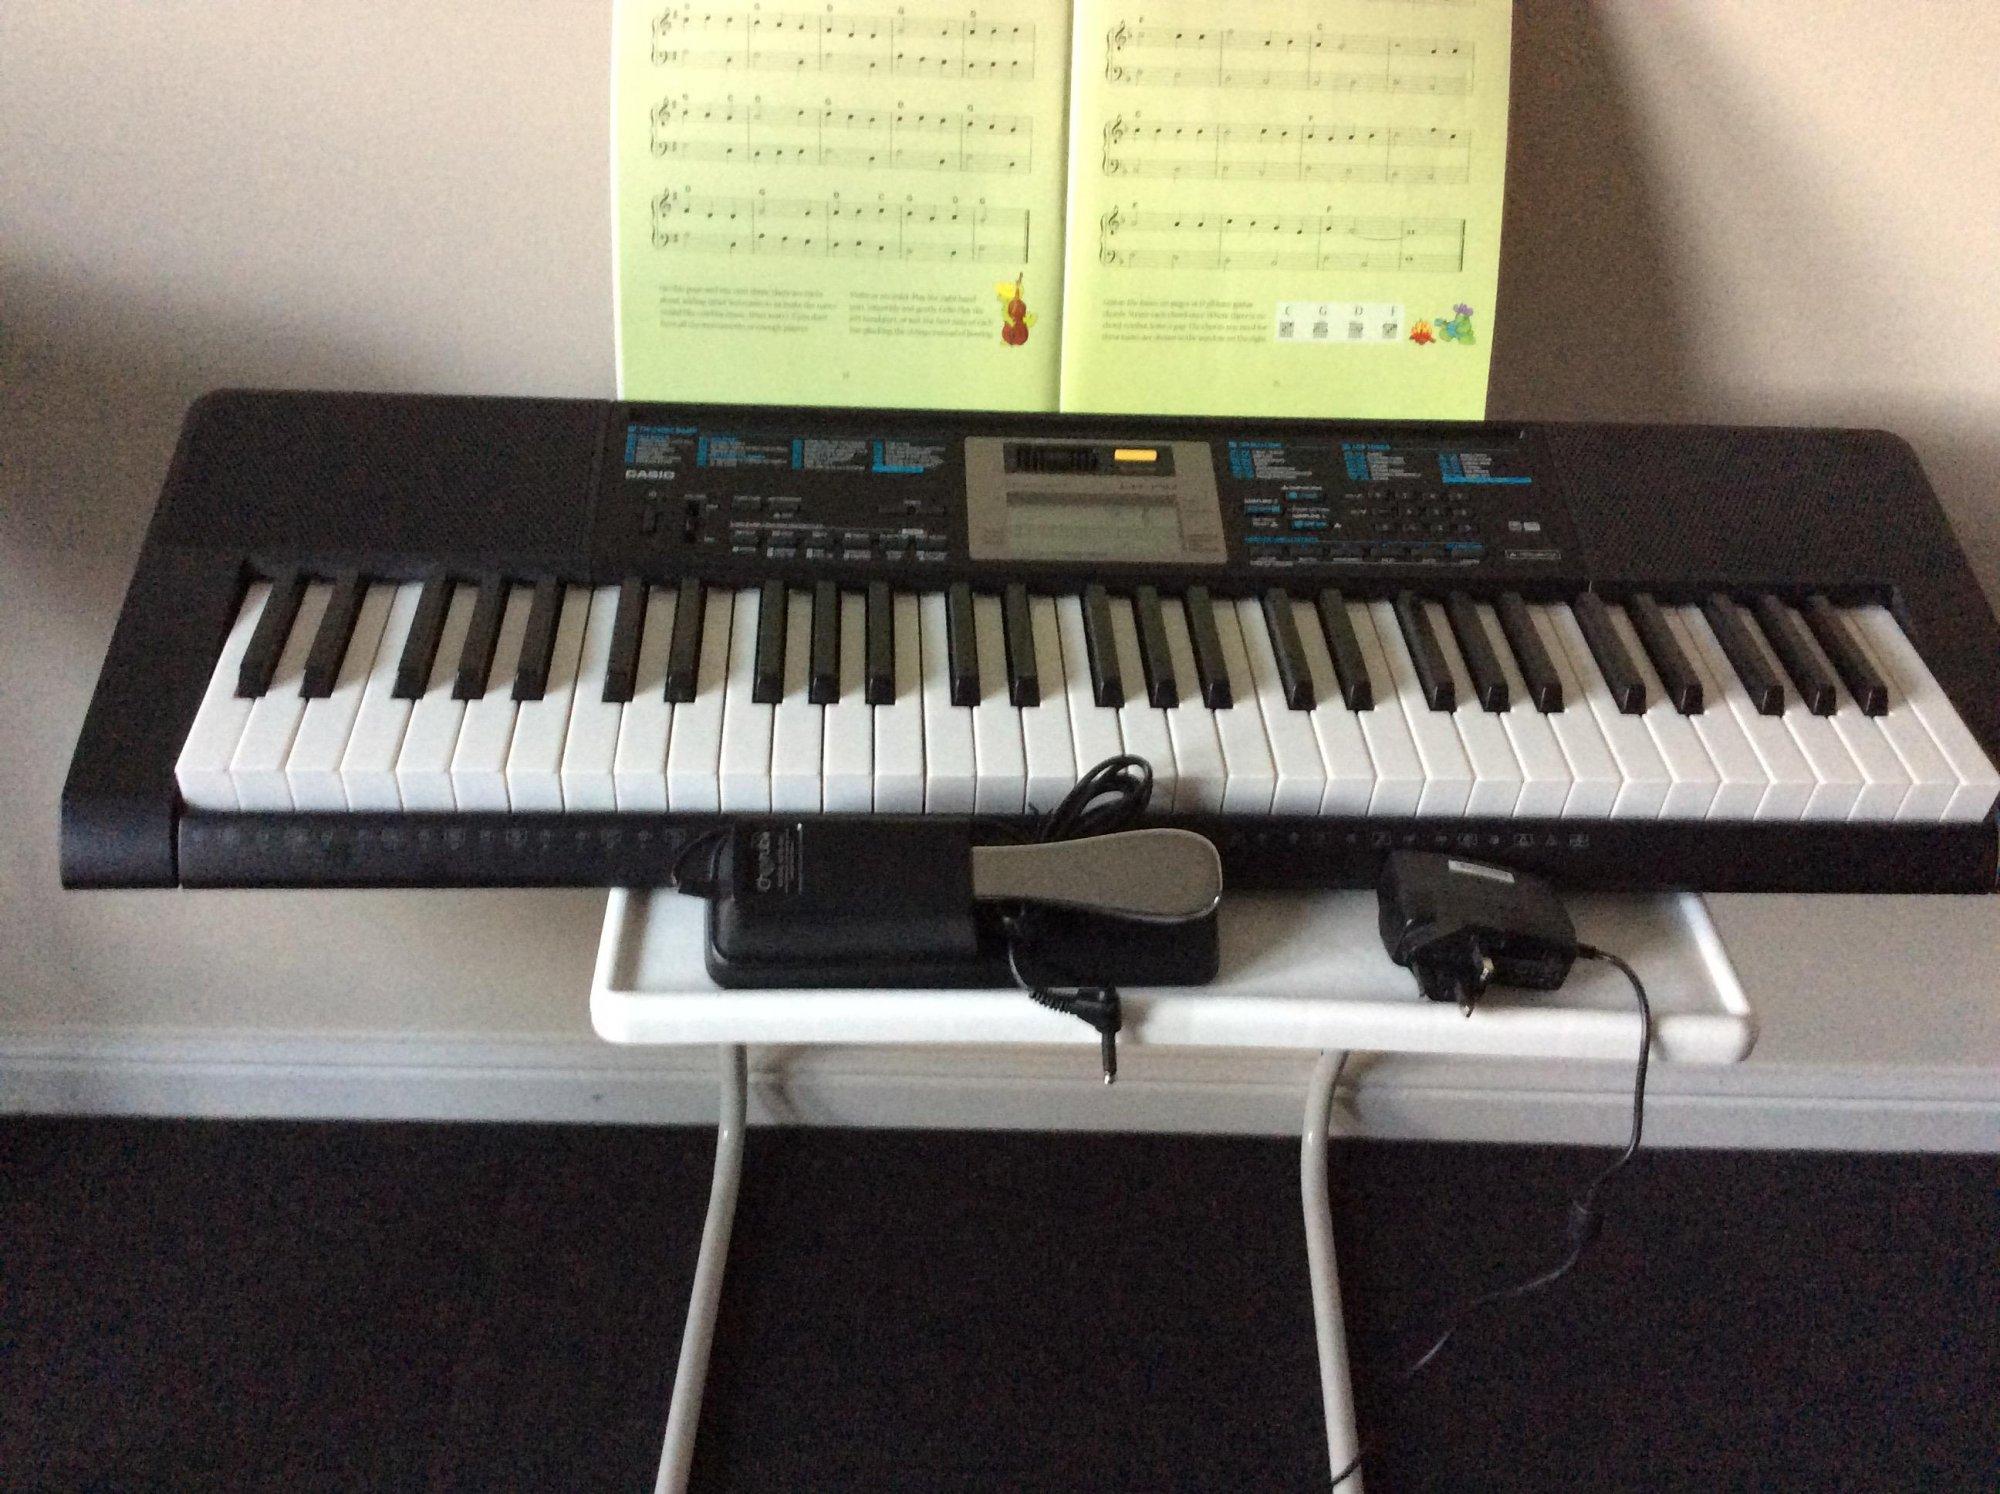 Đàn Organ Casio LK-170 có hướng dẫn 3 bước tự học dễ dàng với 61 phím kiểu piano có khả năng phát sáng, 400 âm sắc, 150 điệu nhạc và 110 bài nhạc mẫu